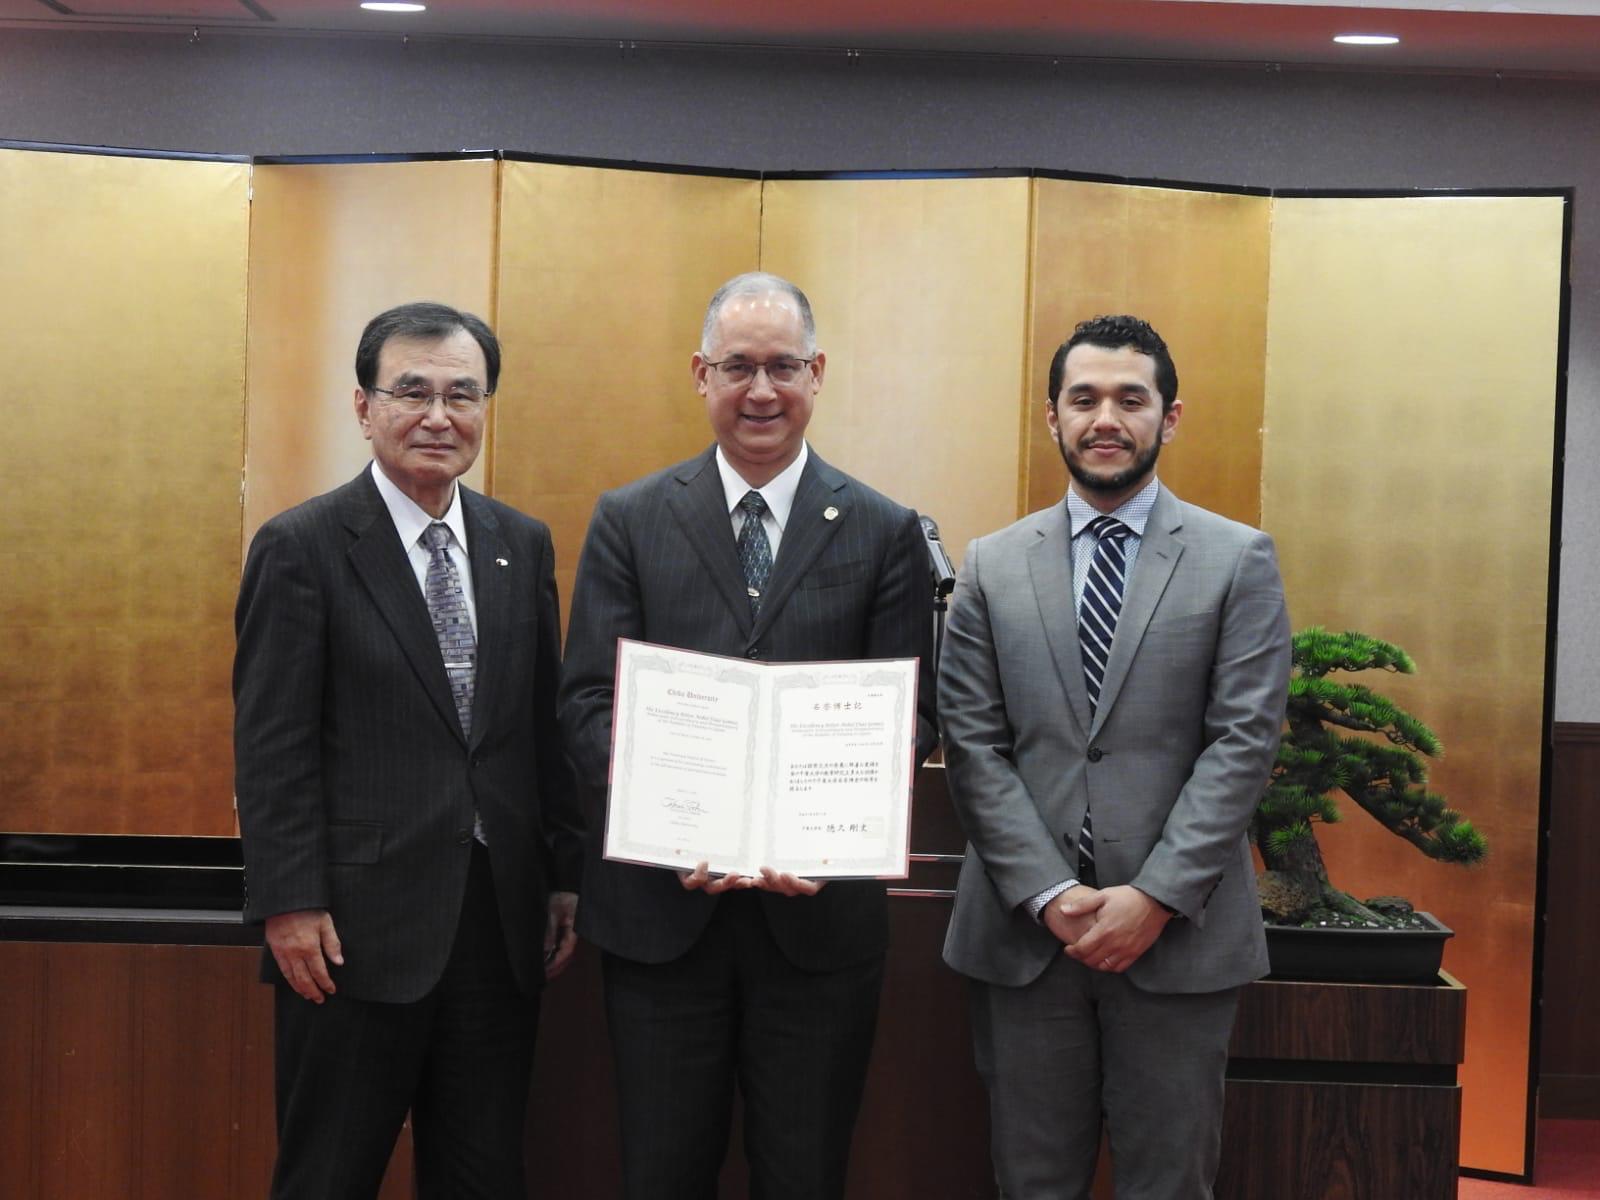 左から徳久学長、ディアス大使、交換留学に参加しているパナマ人学生